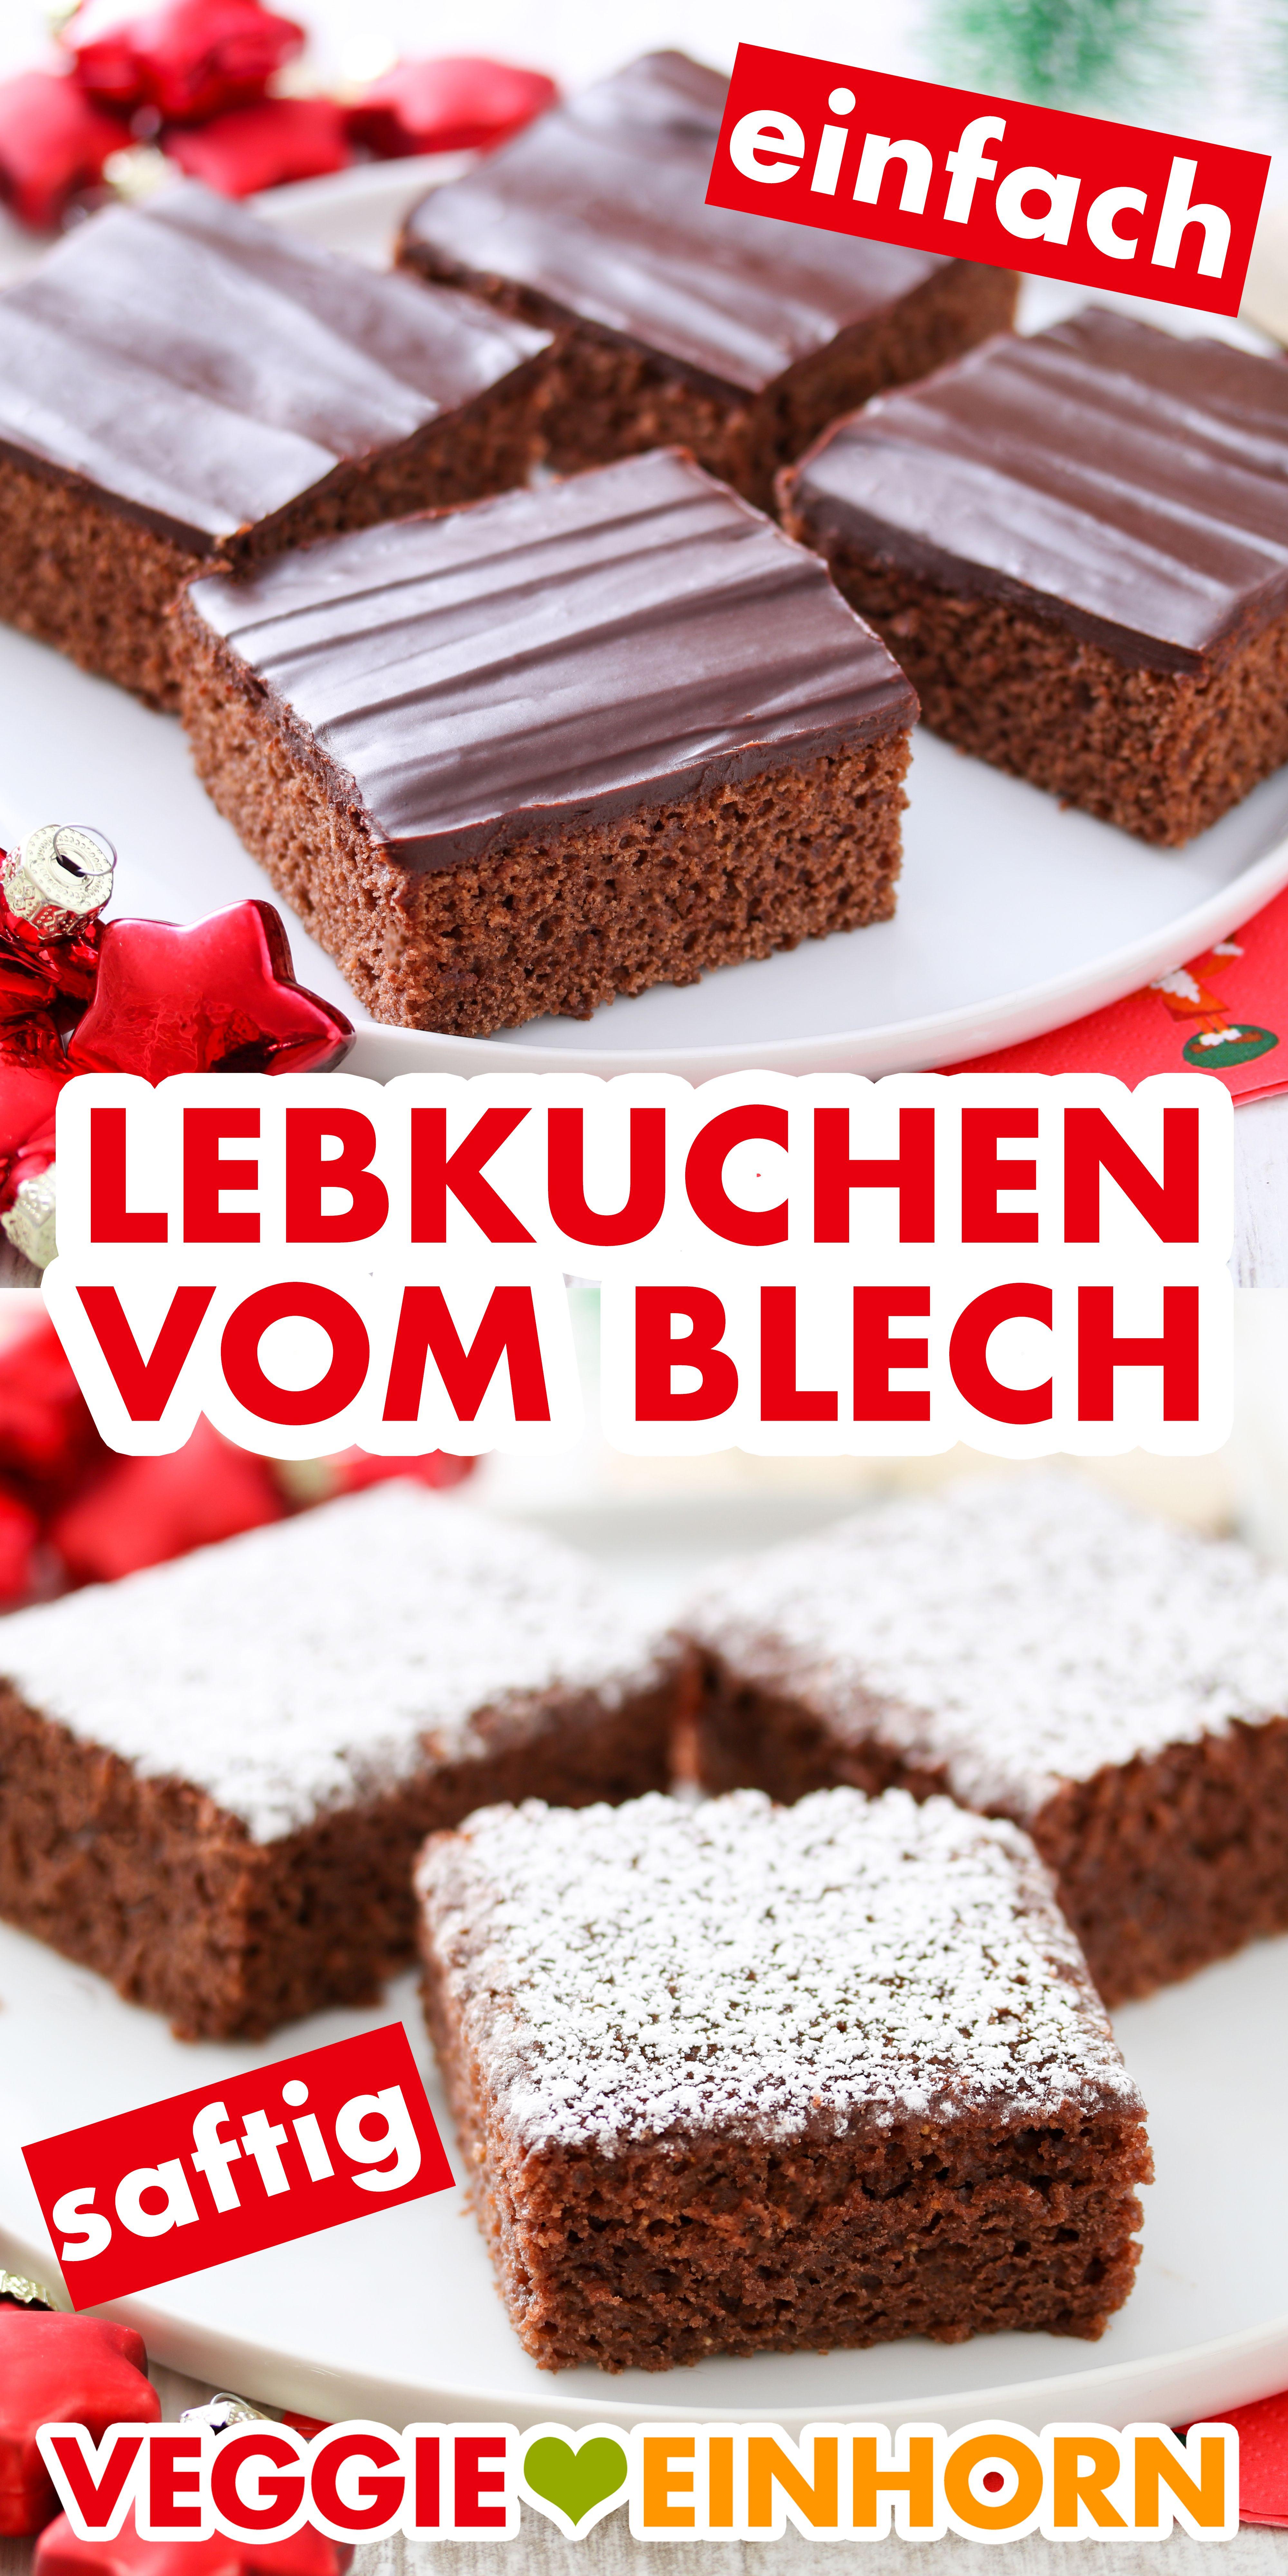 Lebkuchen Vom Blech Einfach Und Lecker Rezept Kuchen Rezepte Einfach Vegan Backen Weihnachten Kuchen Und Torten Rezepte